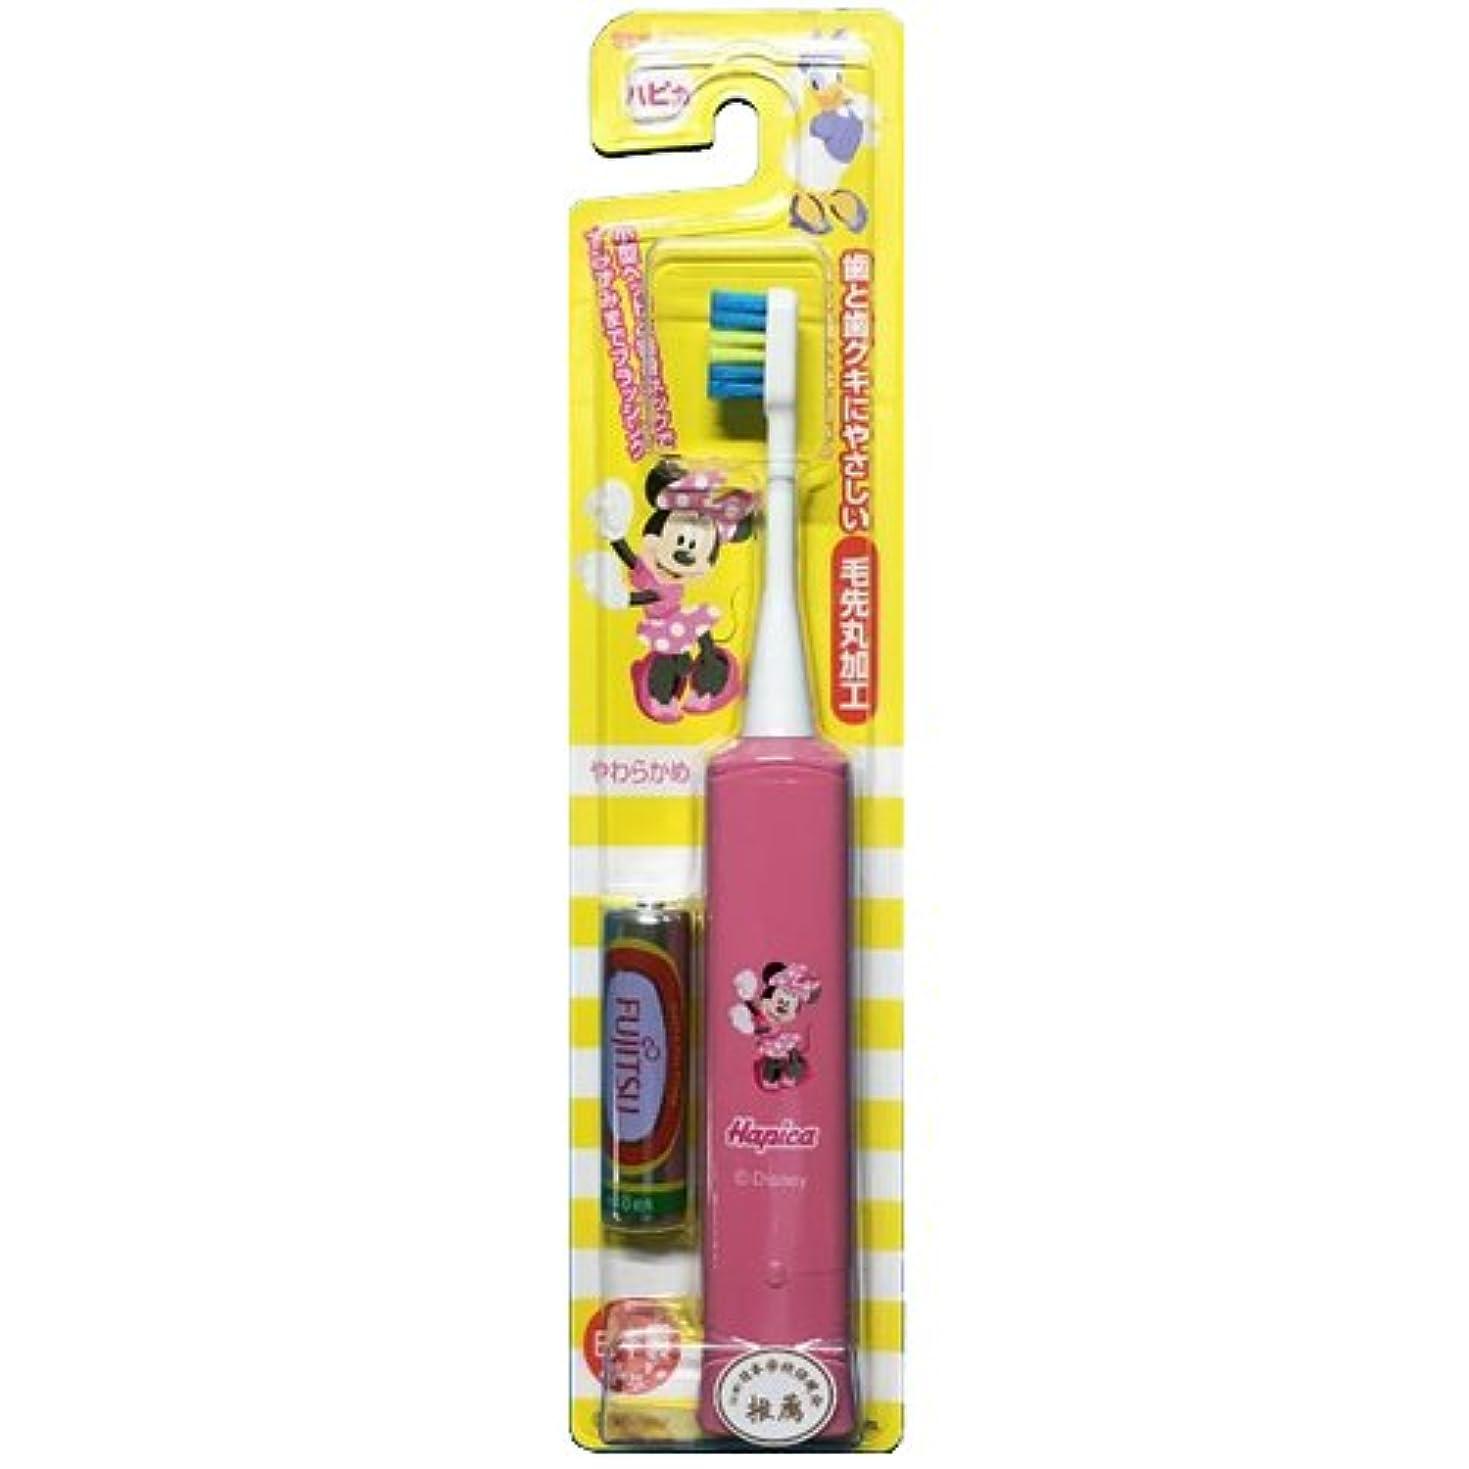 逆に落胆する有望ミニマム 電動付歯ブラシ こどもハピカ ミニー(ピンク) 毛の硬さ:やわらかめ DBK-5P(MK)